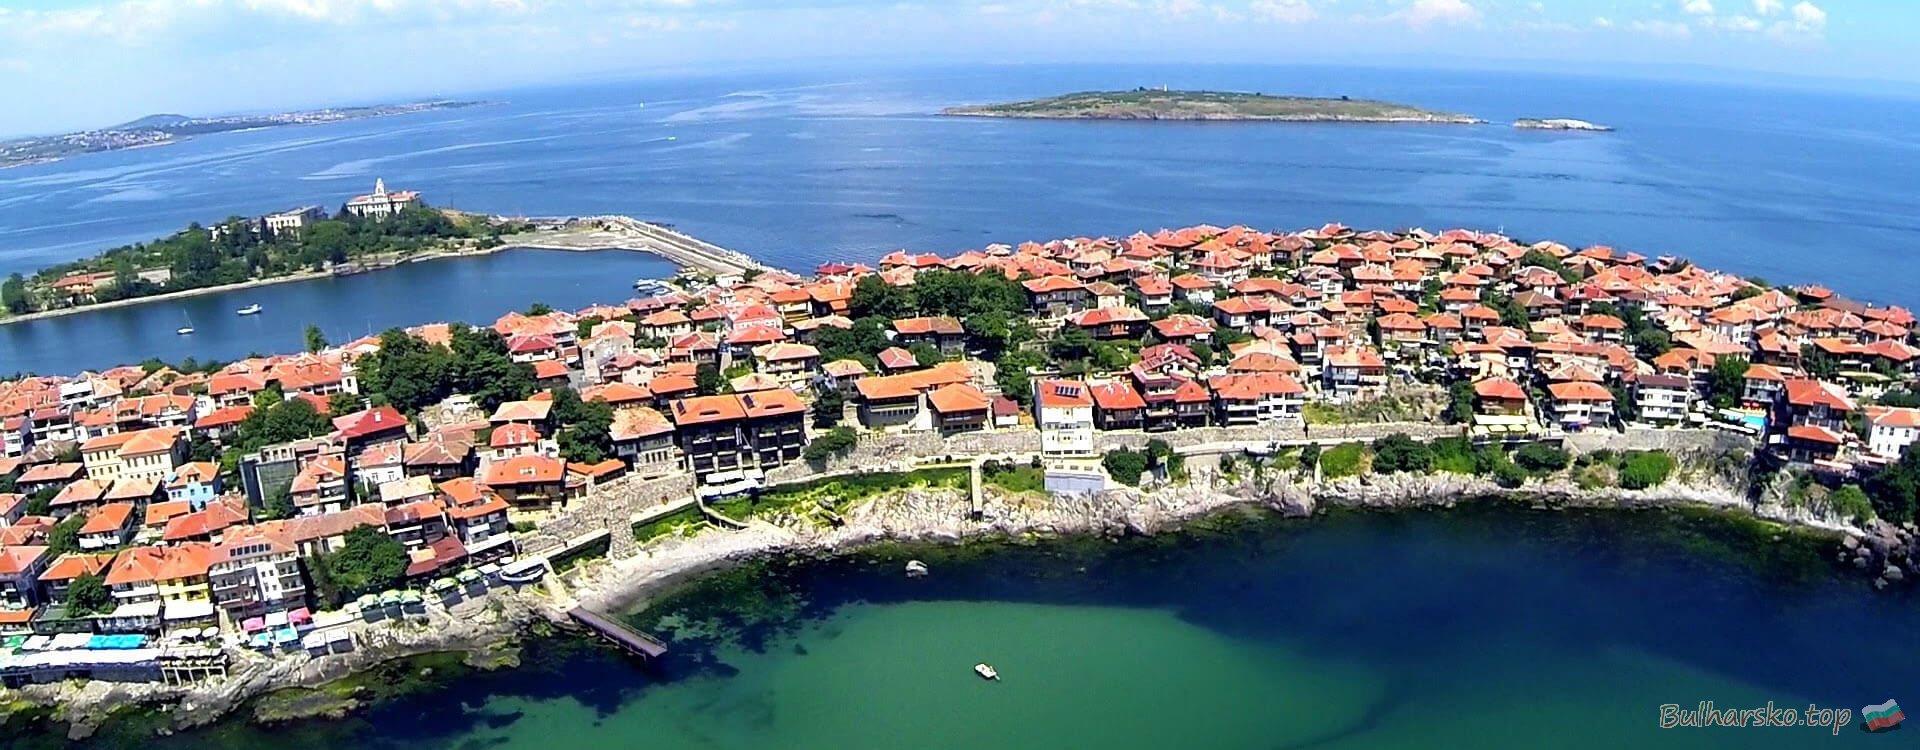 bulharsko dovolenky